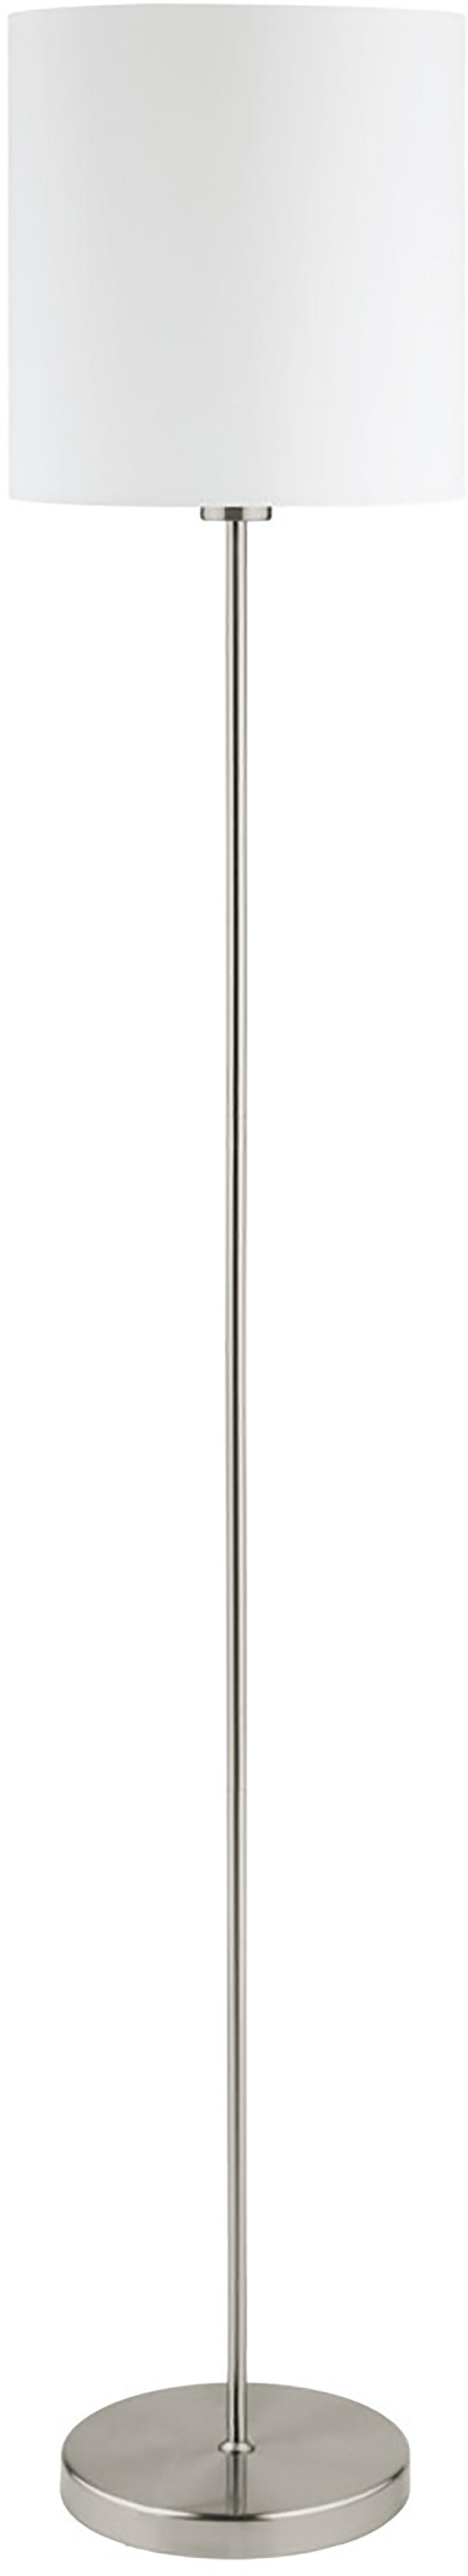 Lampa podłogowa Harry, Biały, odcienie srebrnego, ∅ 28 x W 158 cm